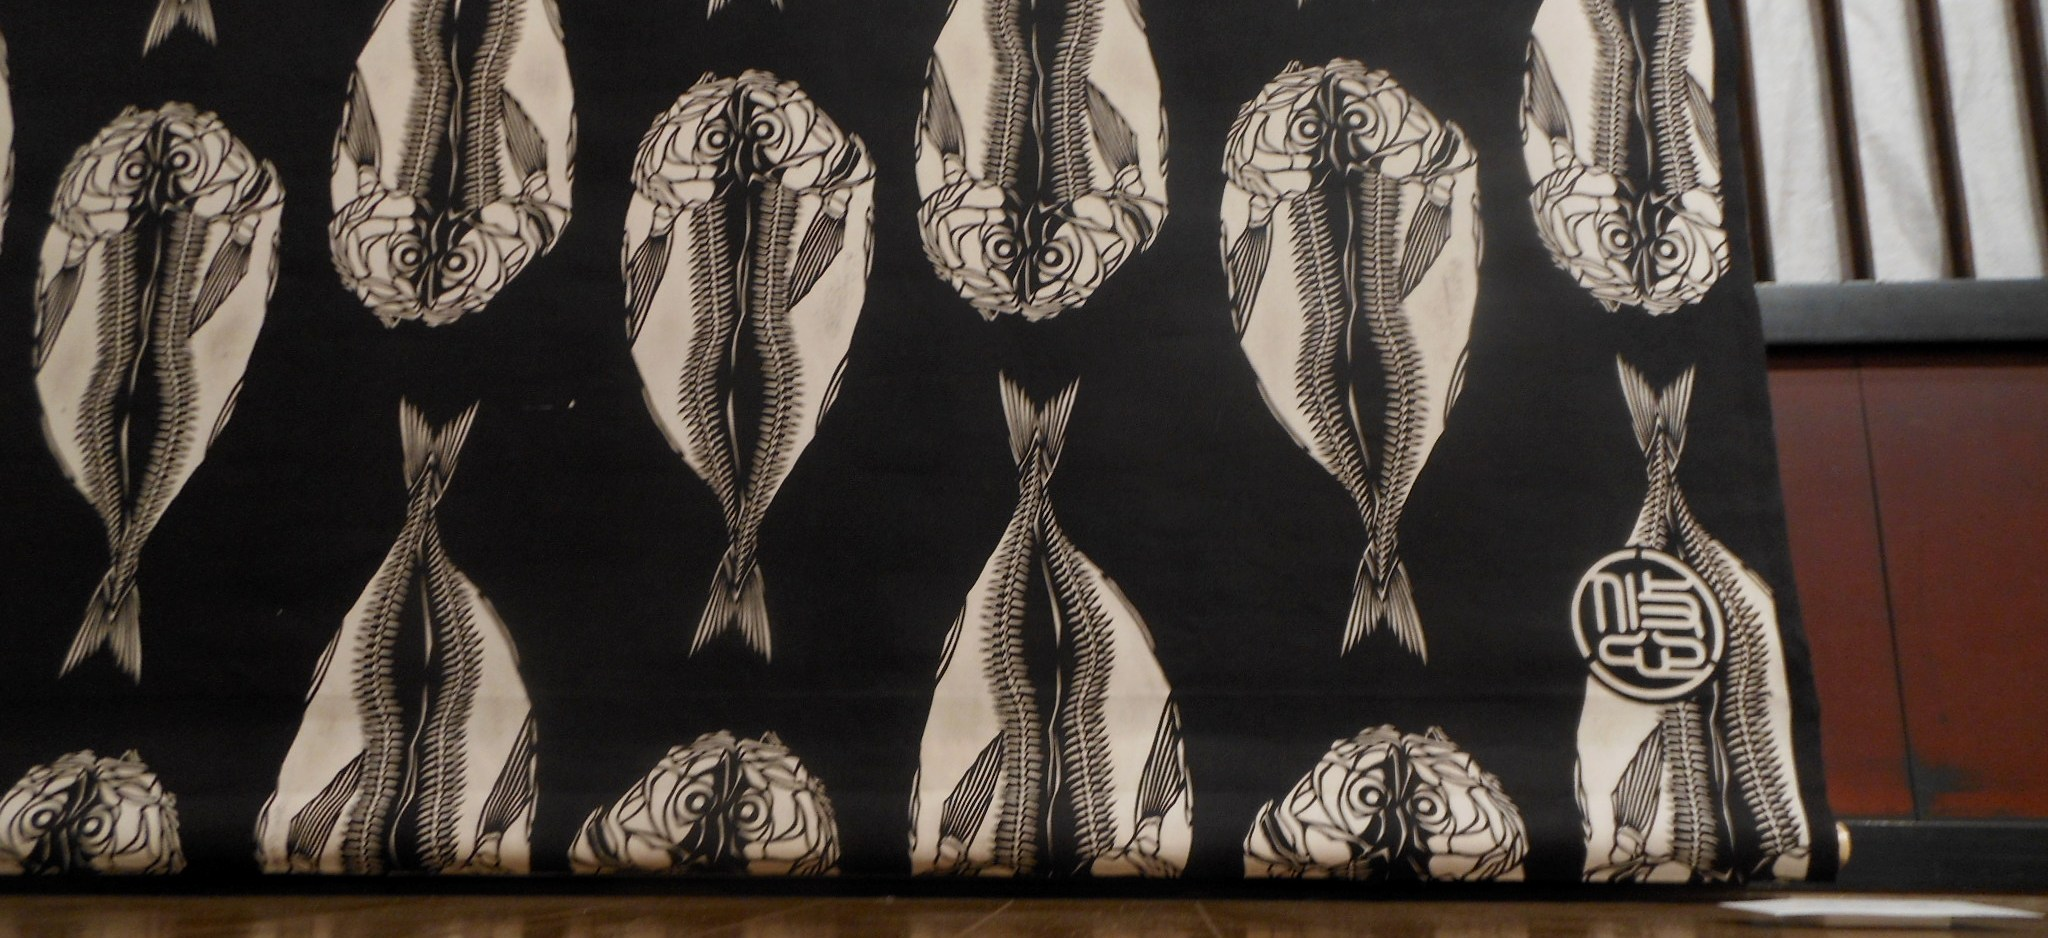 1855) 「工藤ユウ 型染作品展 『干物展』」 g.犬養 終了10月24日(水)~10月29日(月)  _f0126829_22102434.jpg